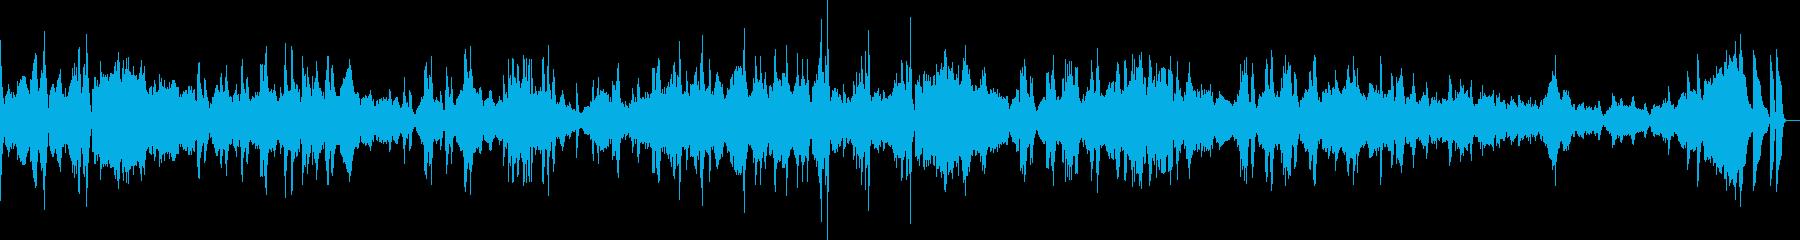 ショパン エチュード 革命の再生済みの波形